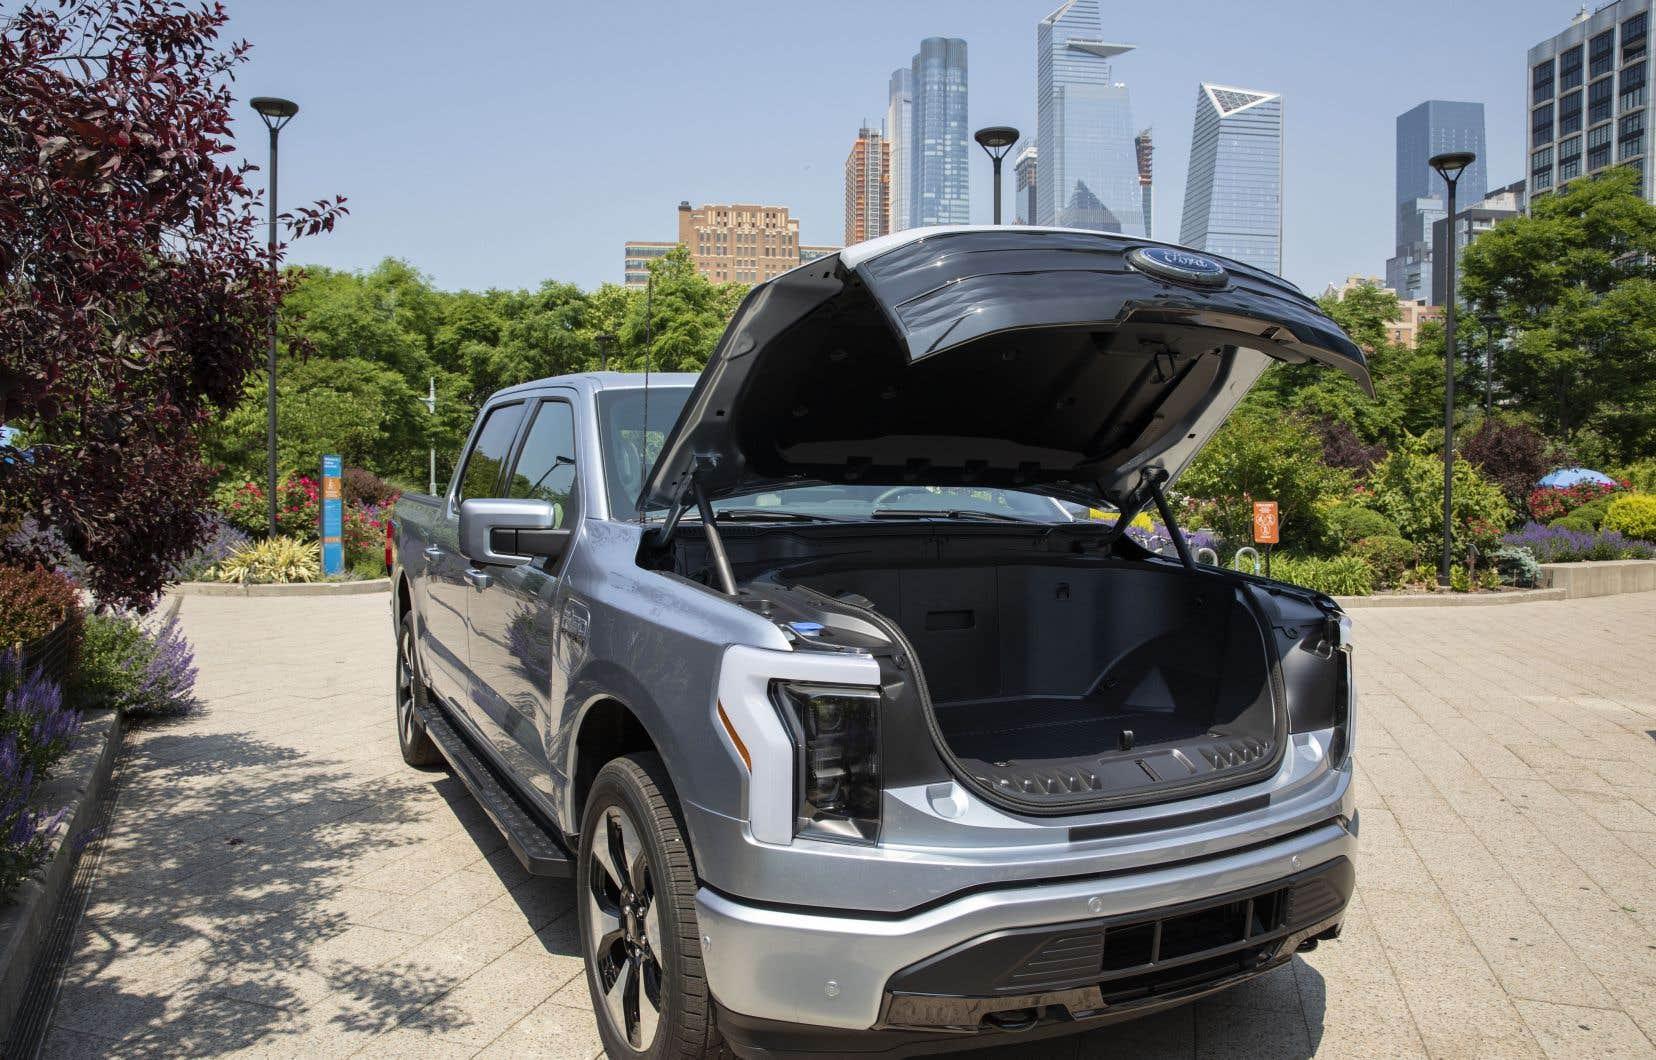 Ford a récemment présenté une version électrique de son populaire pick-up F-150, le véhicule le plus vendu aux États-Unis.